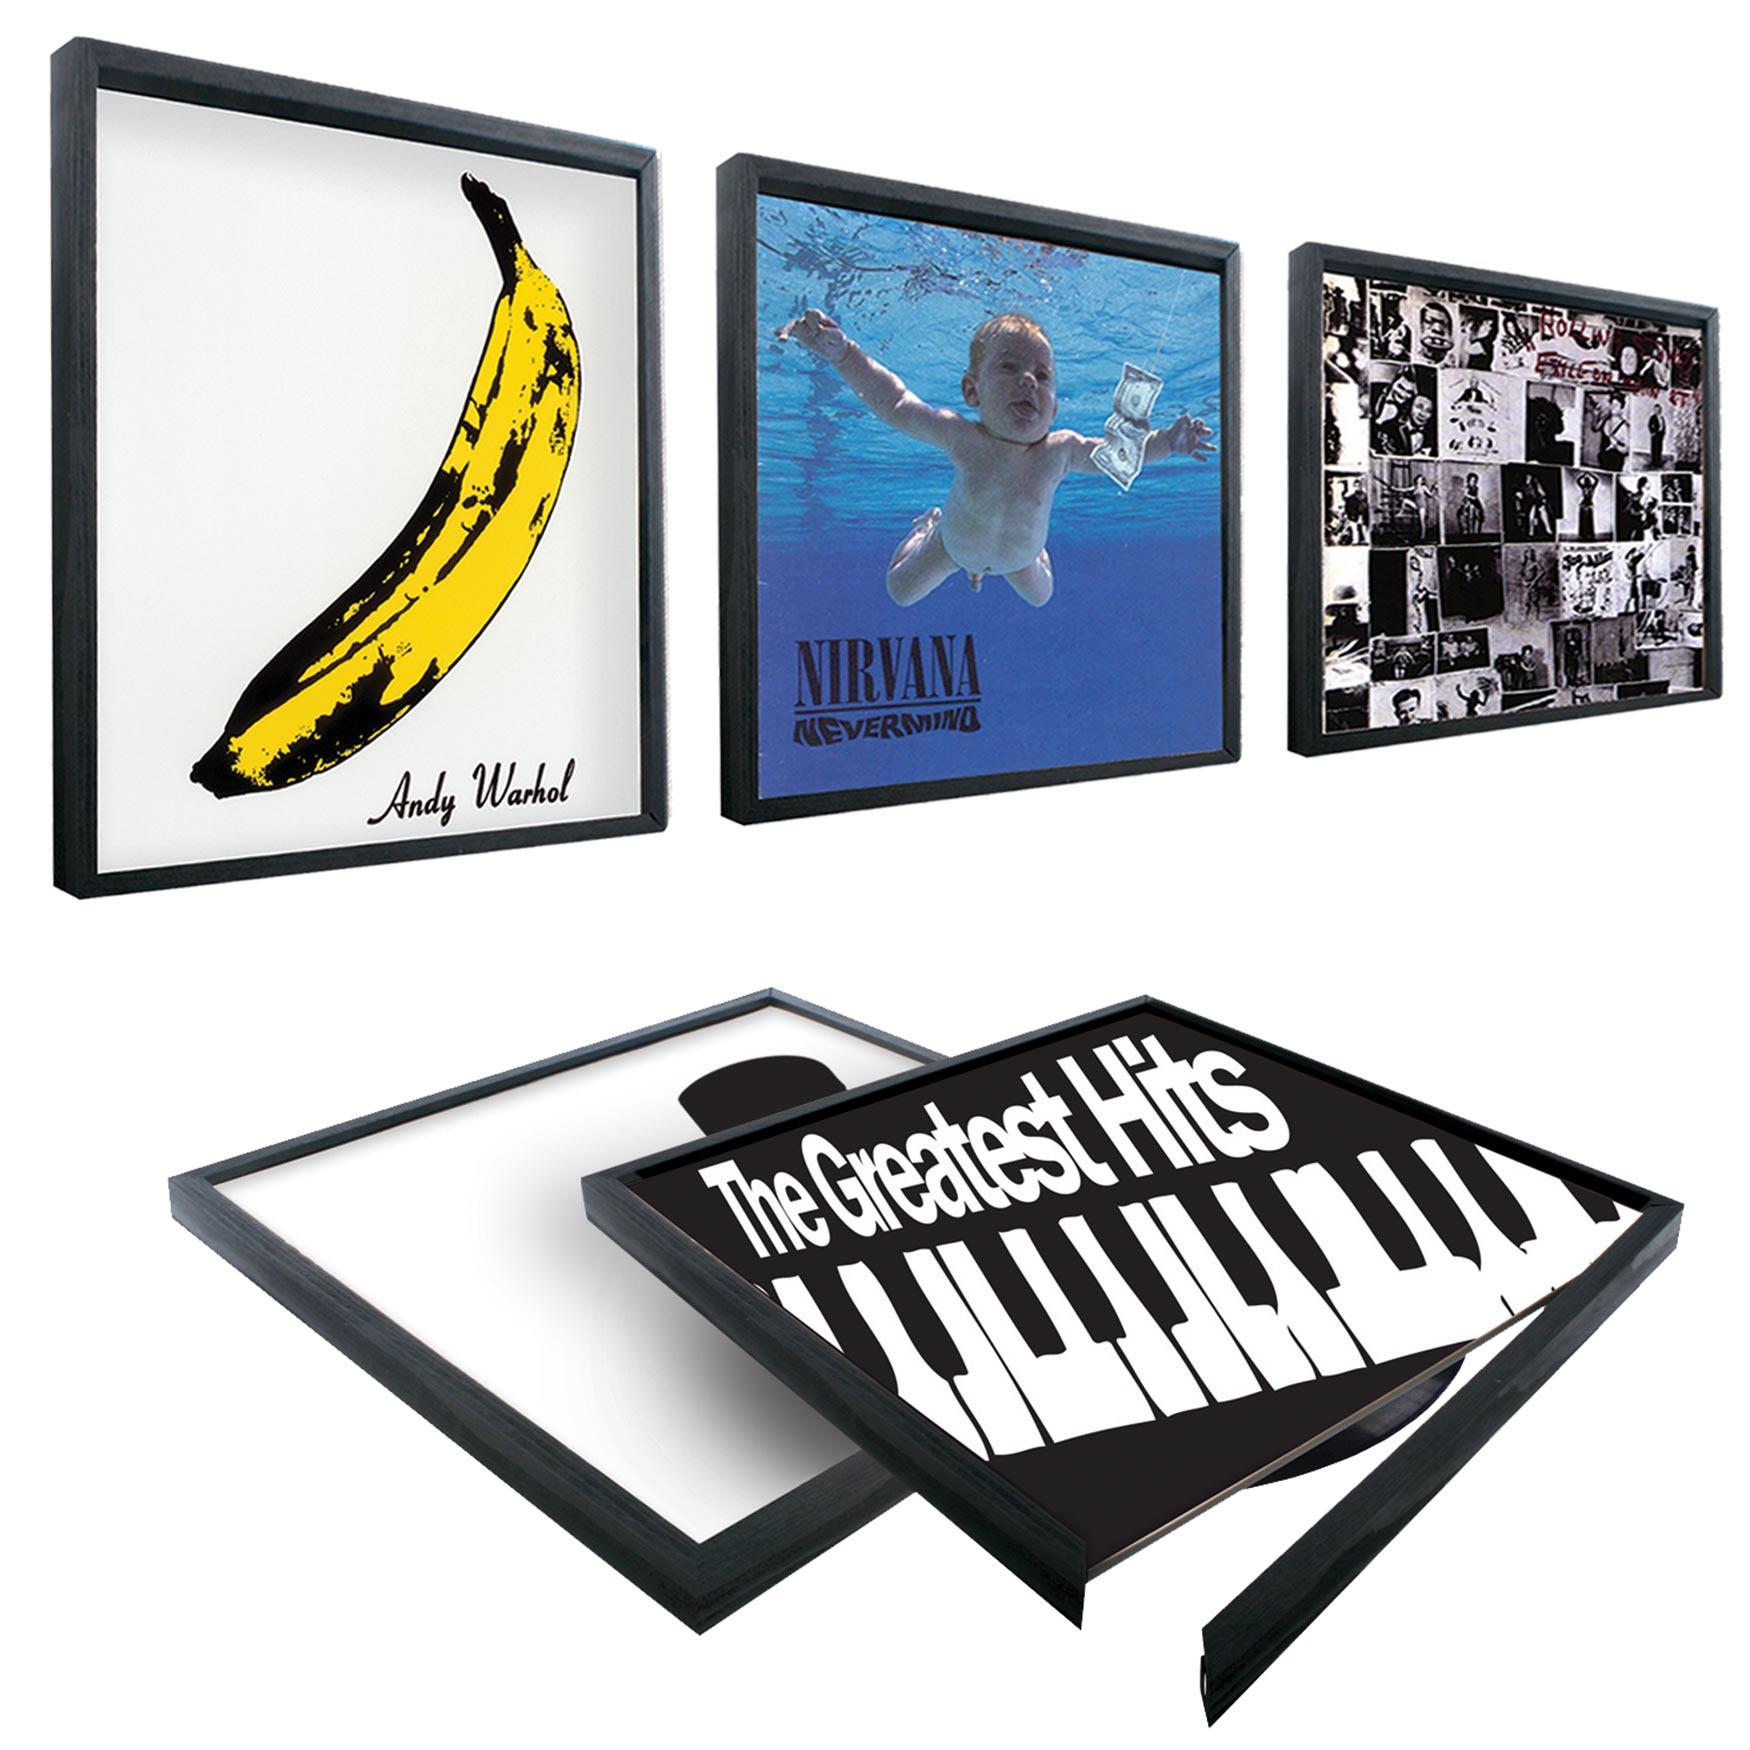 Schallplatten Bilderrahmen (33 cm) - Blitzversand in 6 Std.